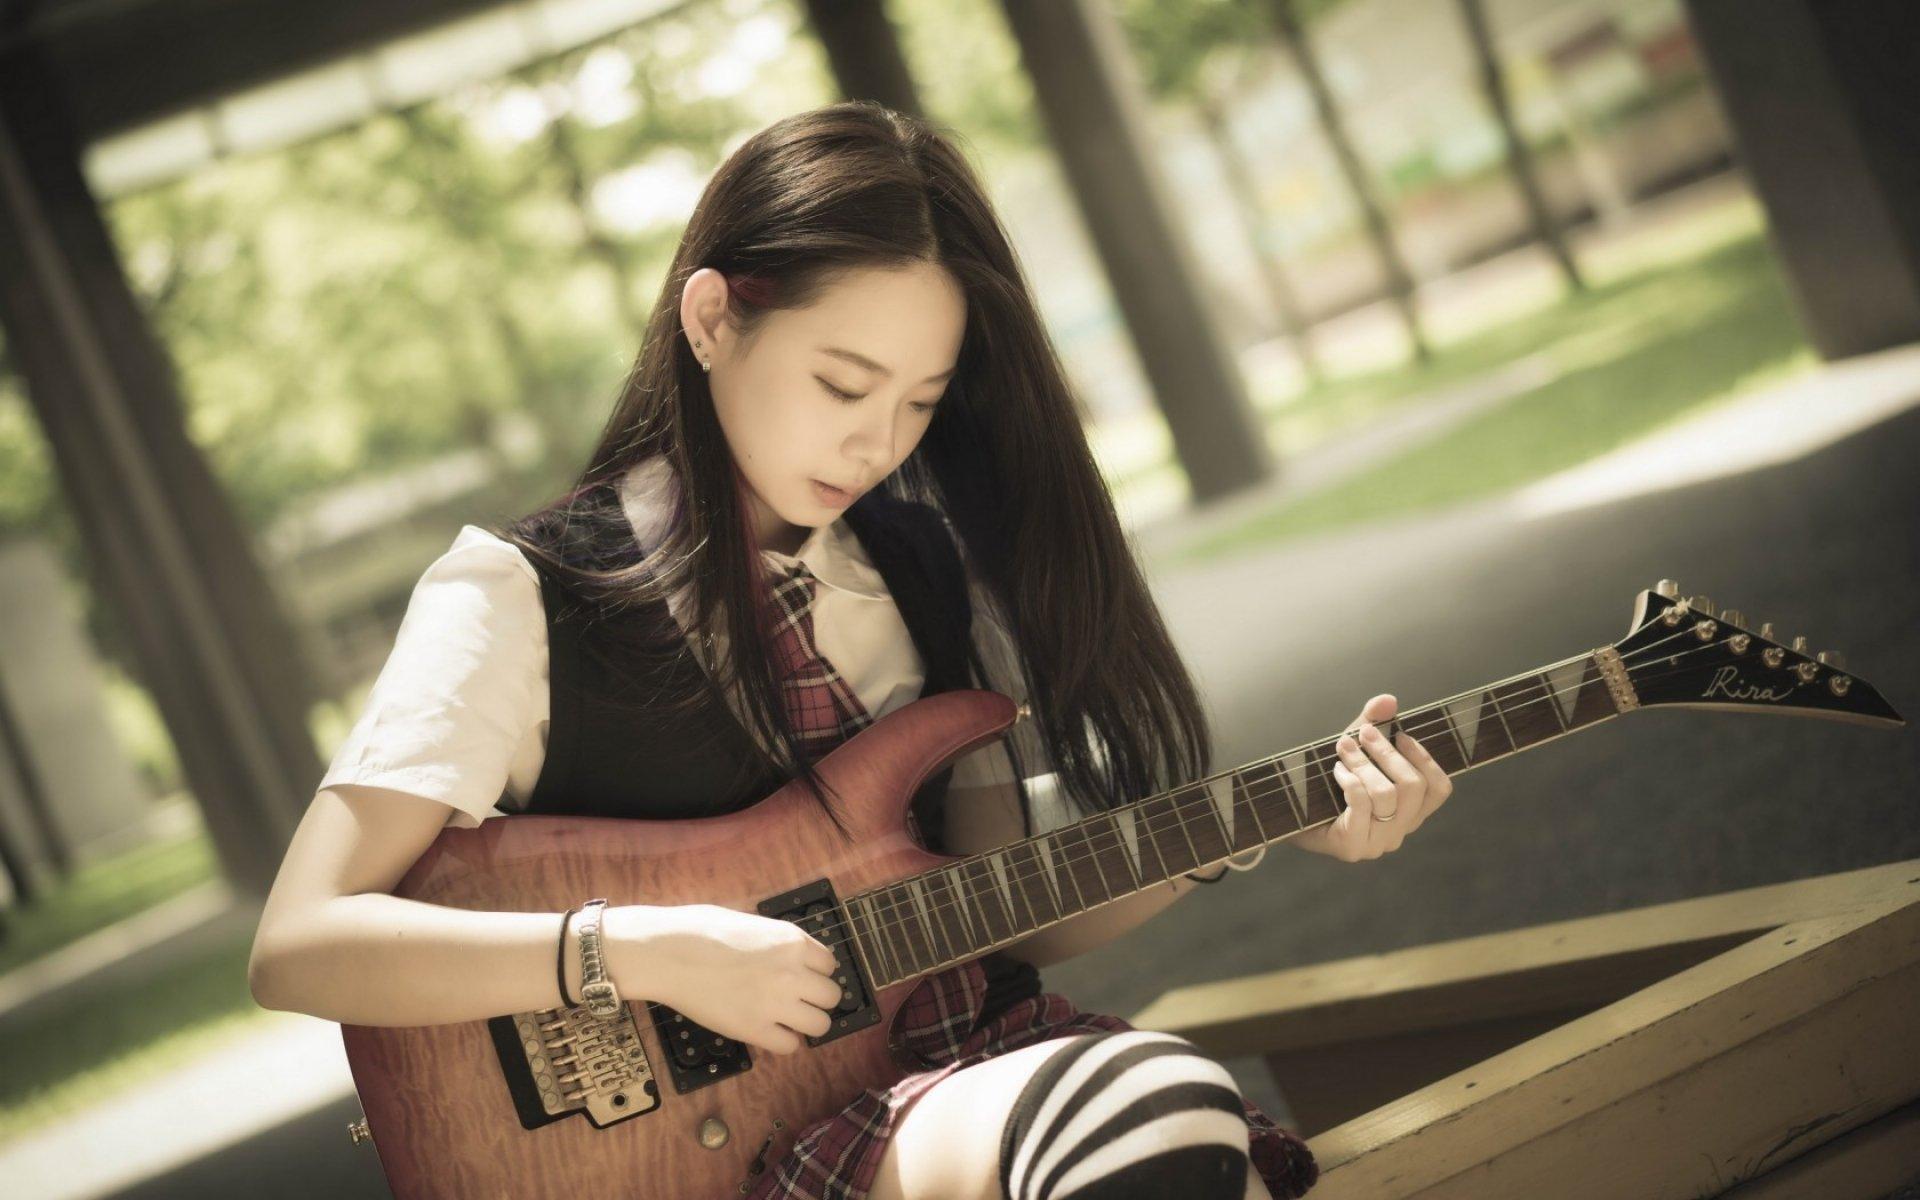 Азиатка с гитарой  № 465984 загрузить